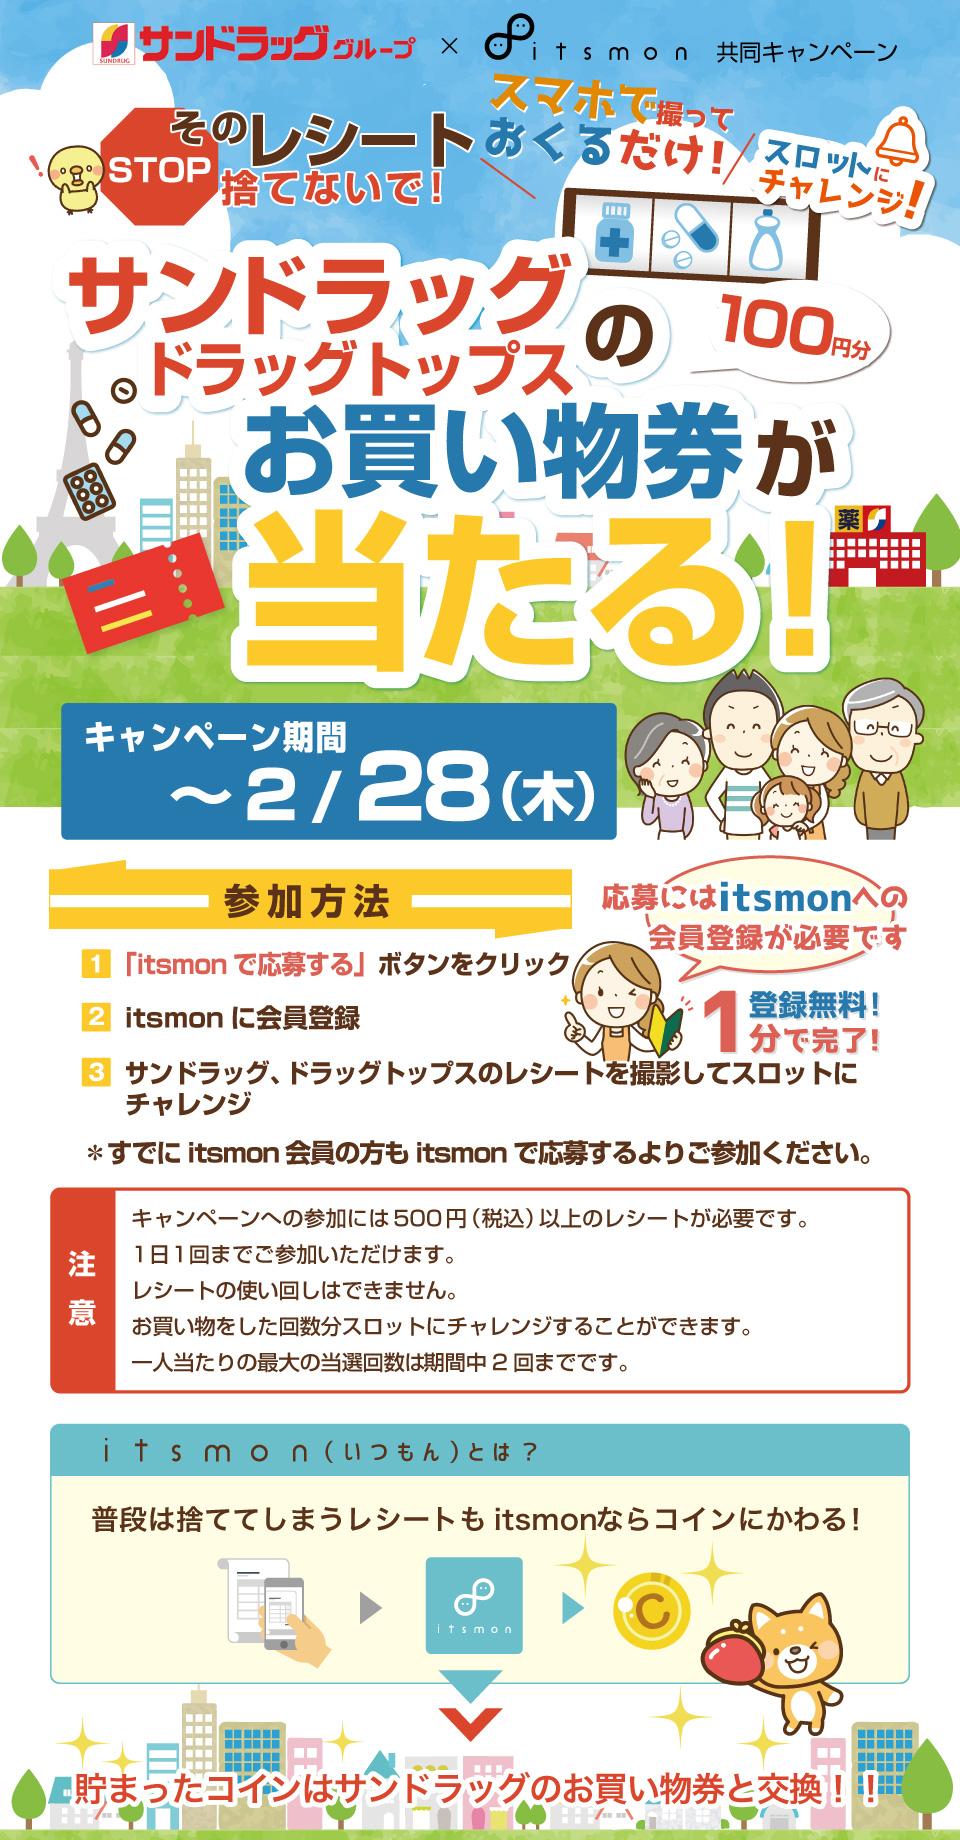 【サンドラッグ×itsmon共同企画】レシートを撮ってチャンレンジ!サンドラッグお買い物券をプレゼントキャンペーン